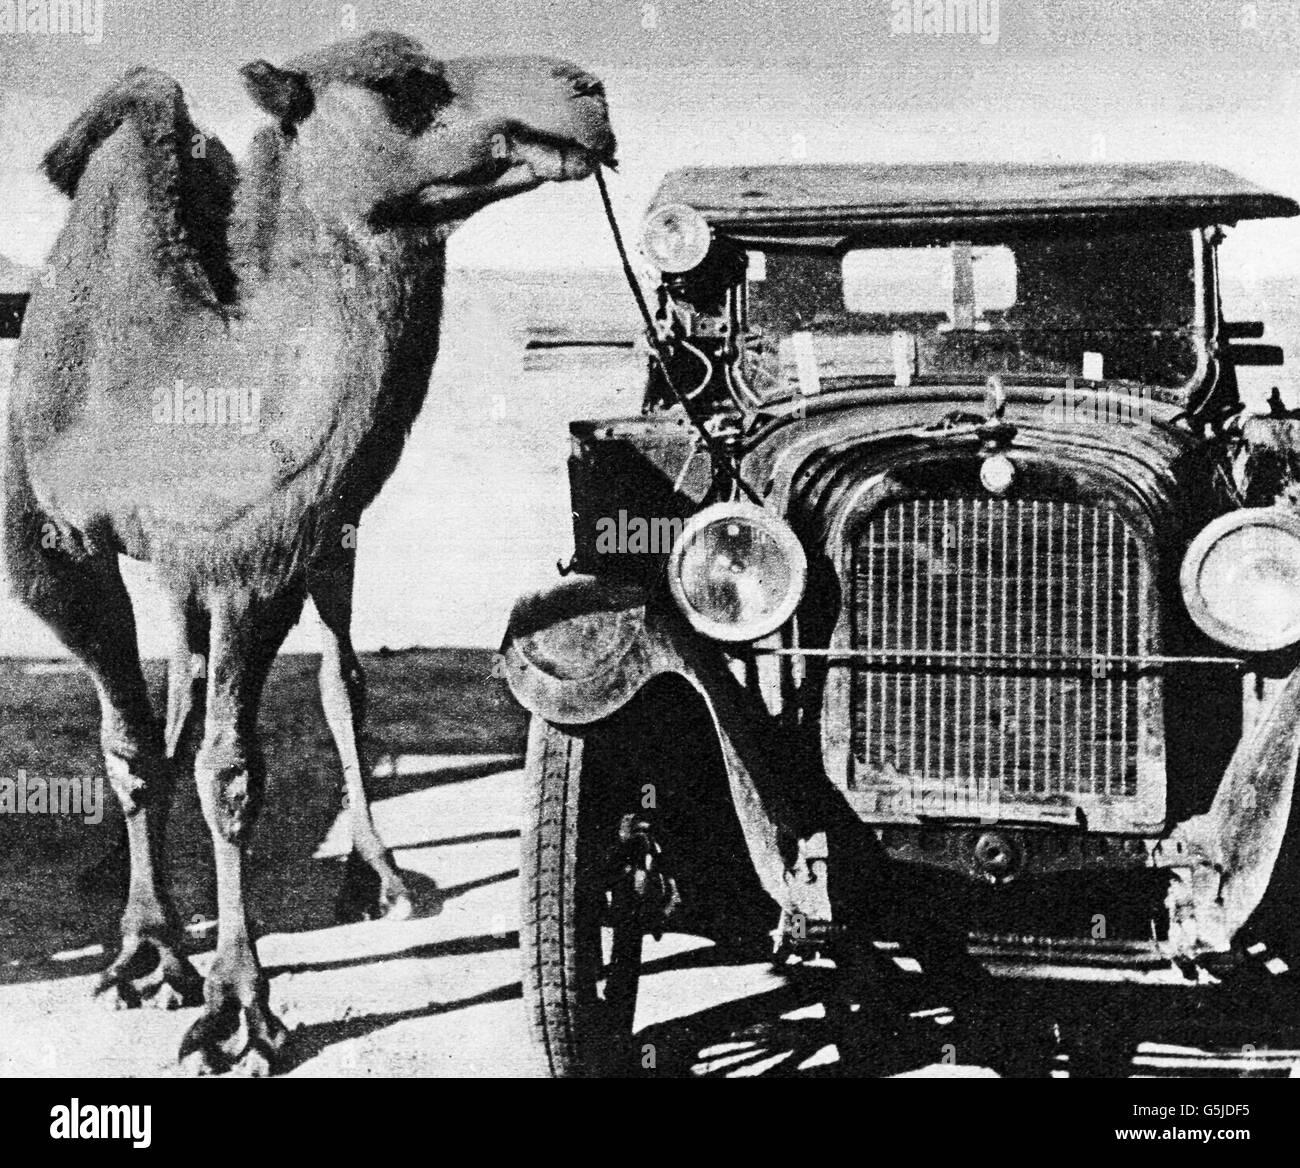 Ein Kamel ist an einem Auto festgebunden, China 1910er Jahre. A camel bound at a car, China 1910s. Stock Photo